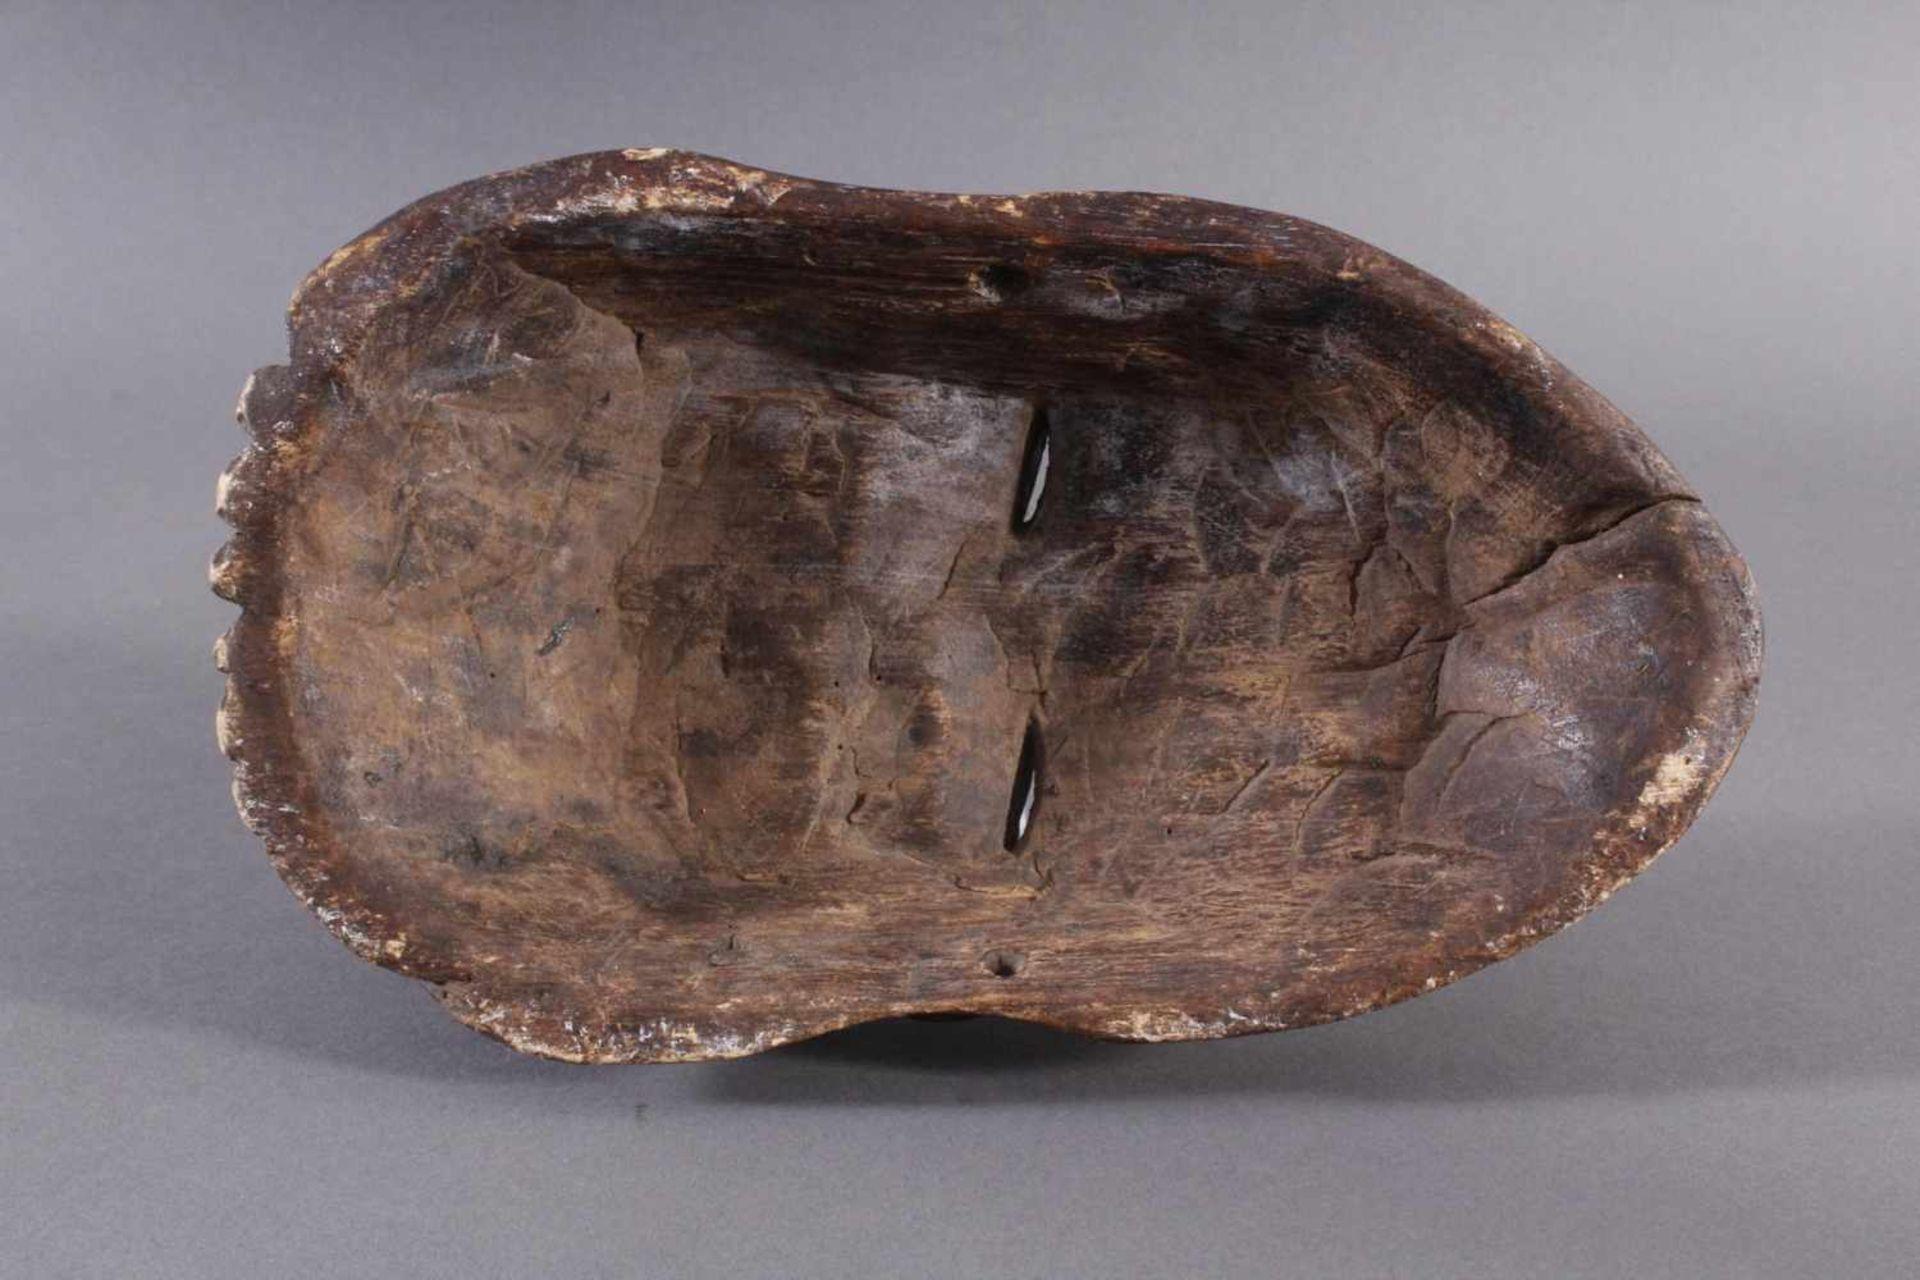 Antike Afrikanische Maske, 1. Hälfte 20. Jh.Holz geschnitzt und farbig gefaßt, durchbrochene - Bild 6 aus 6